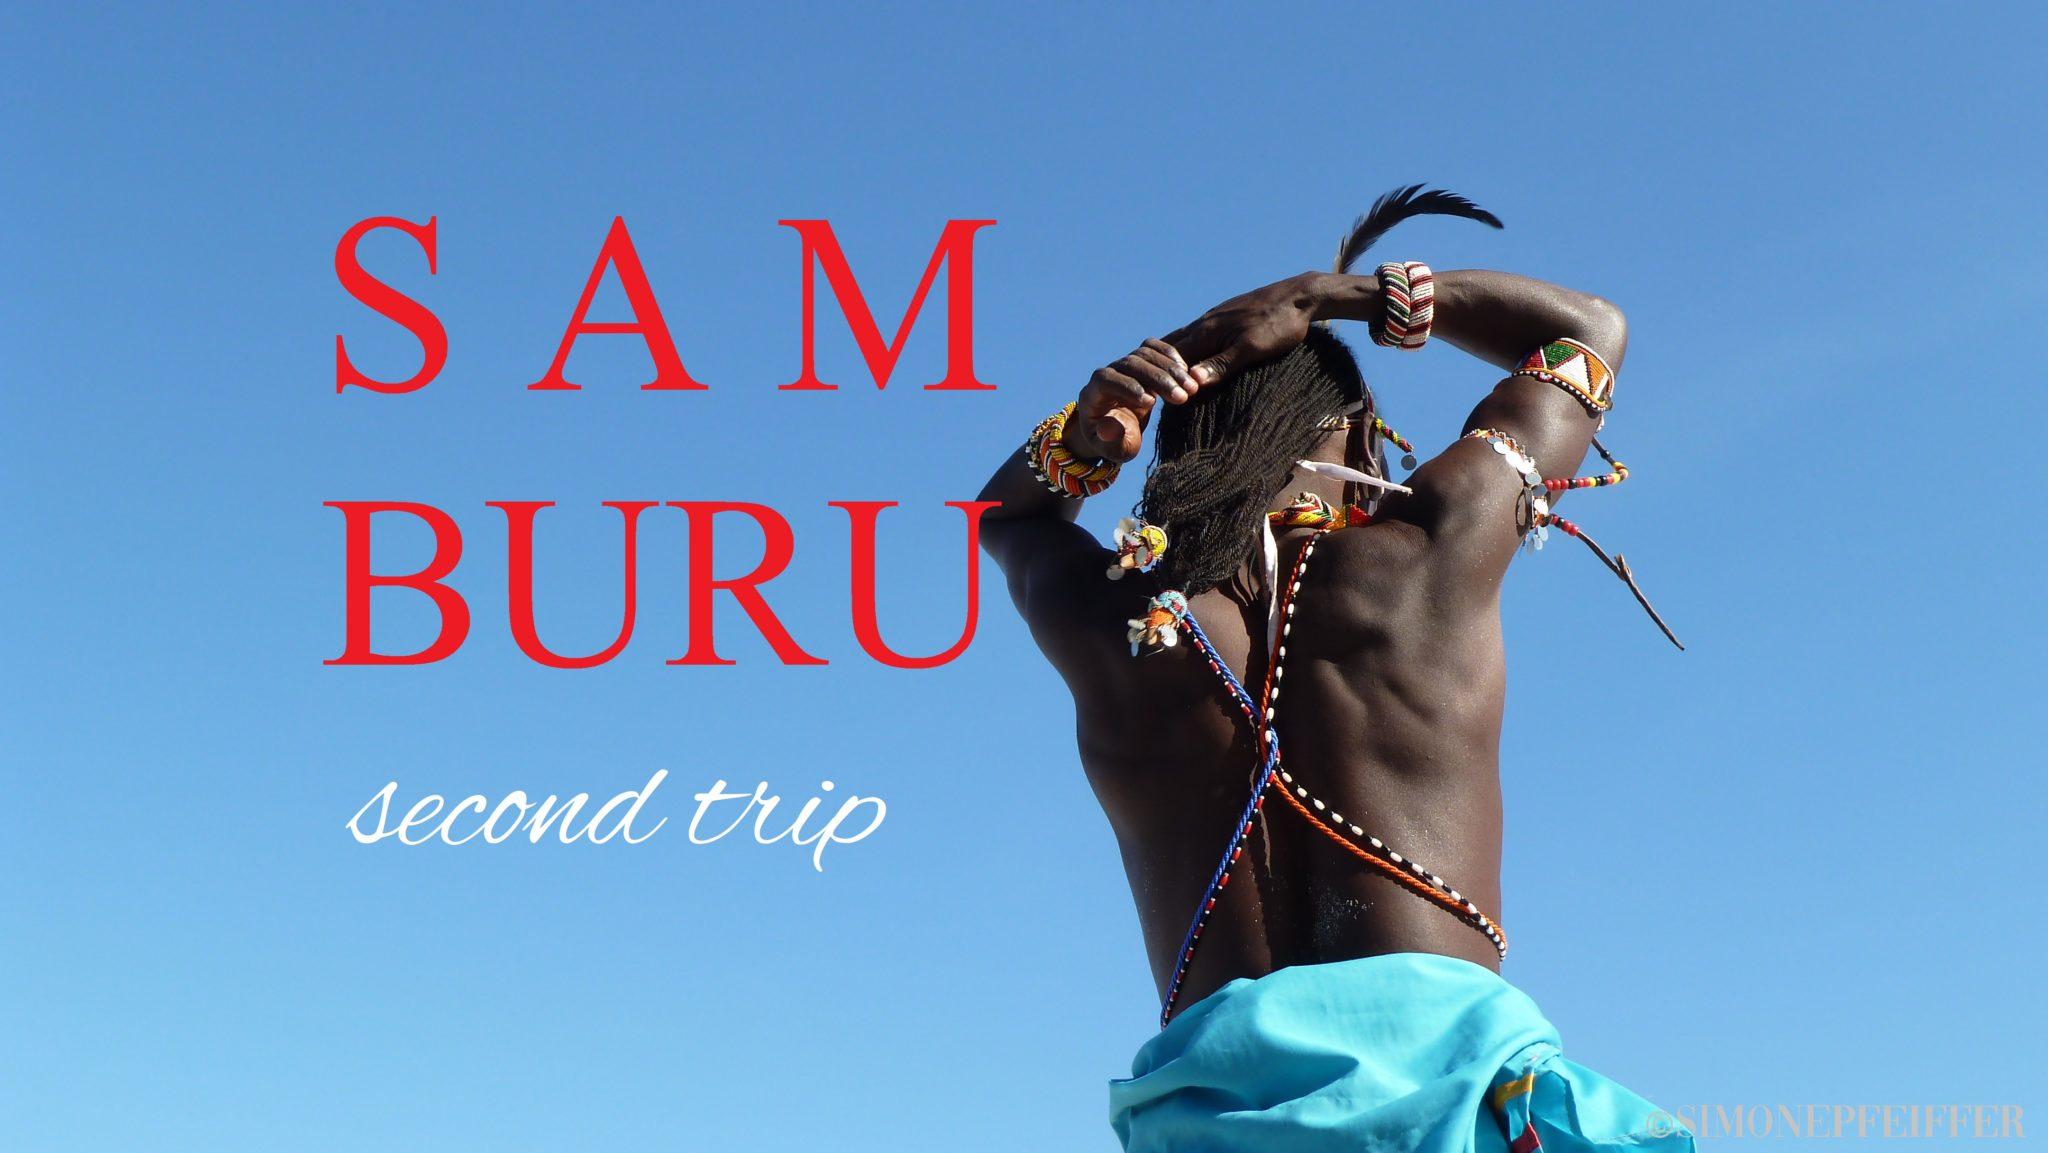 SAMBURU - second trip